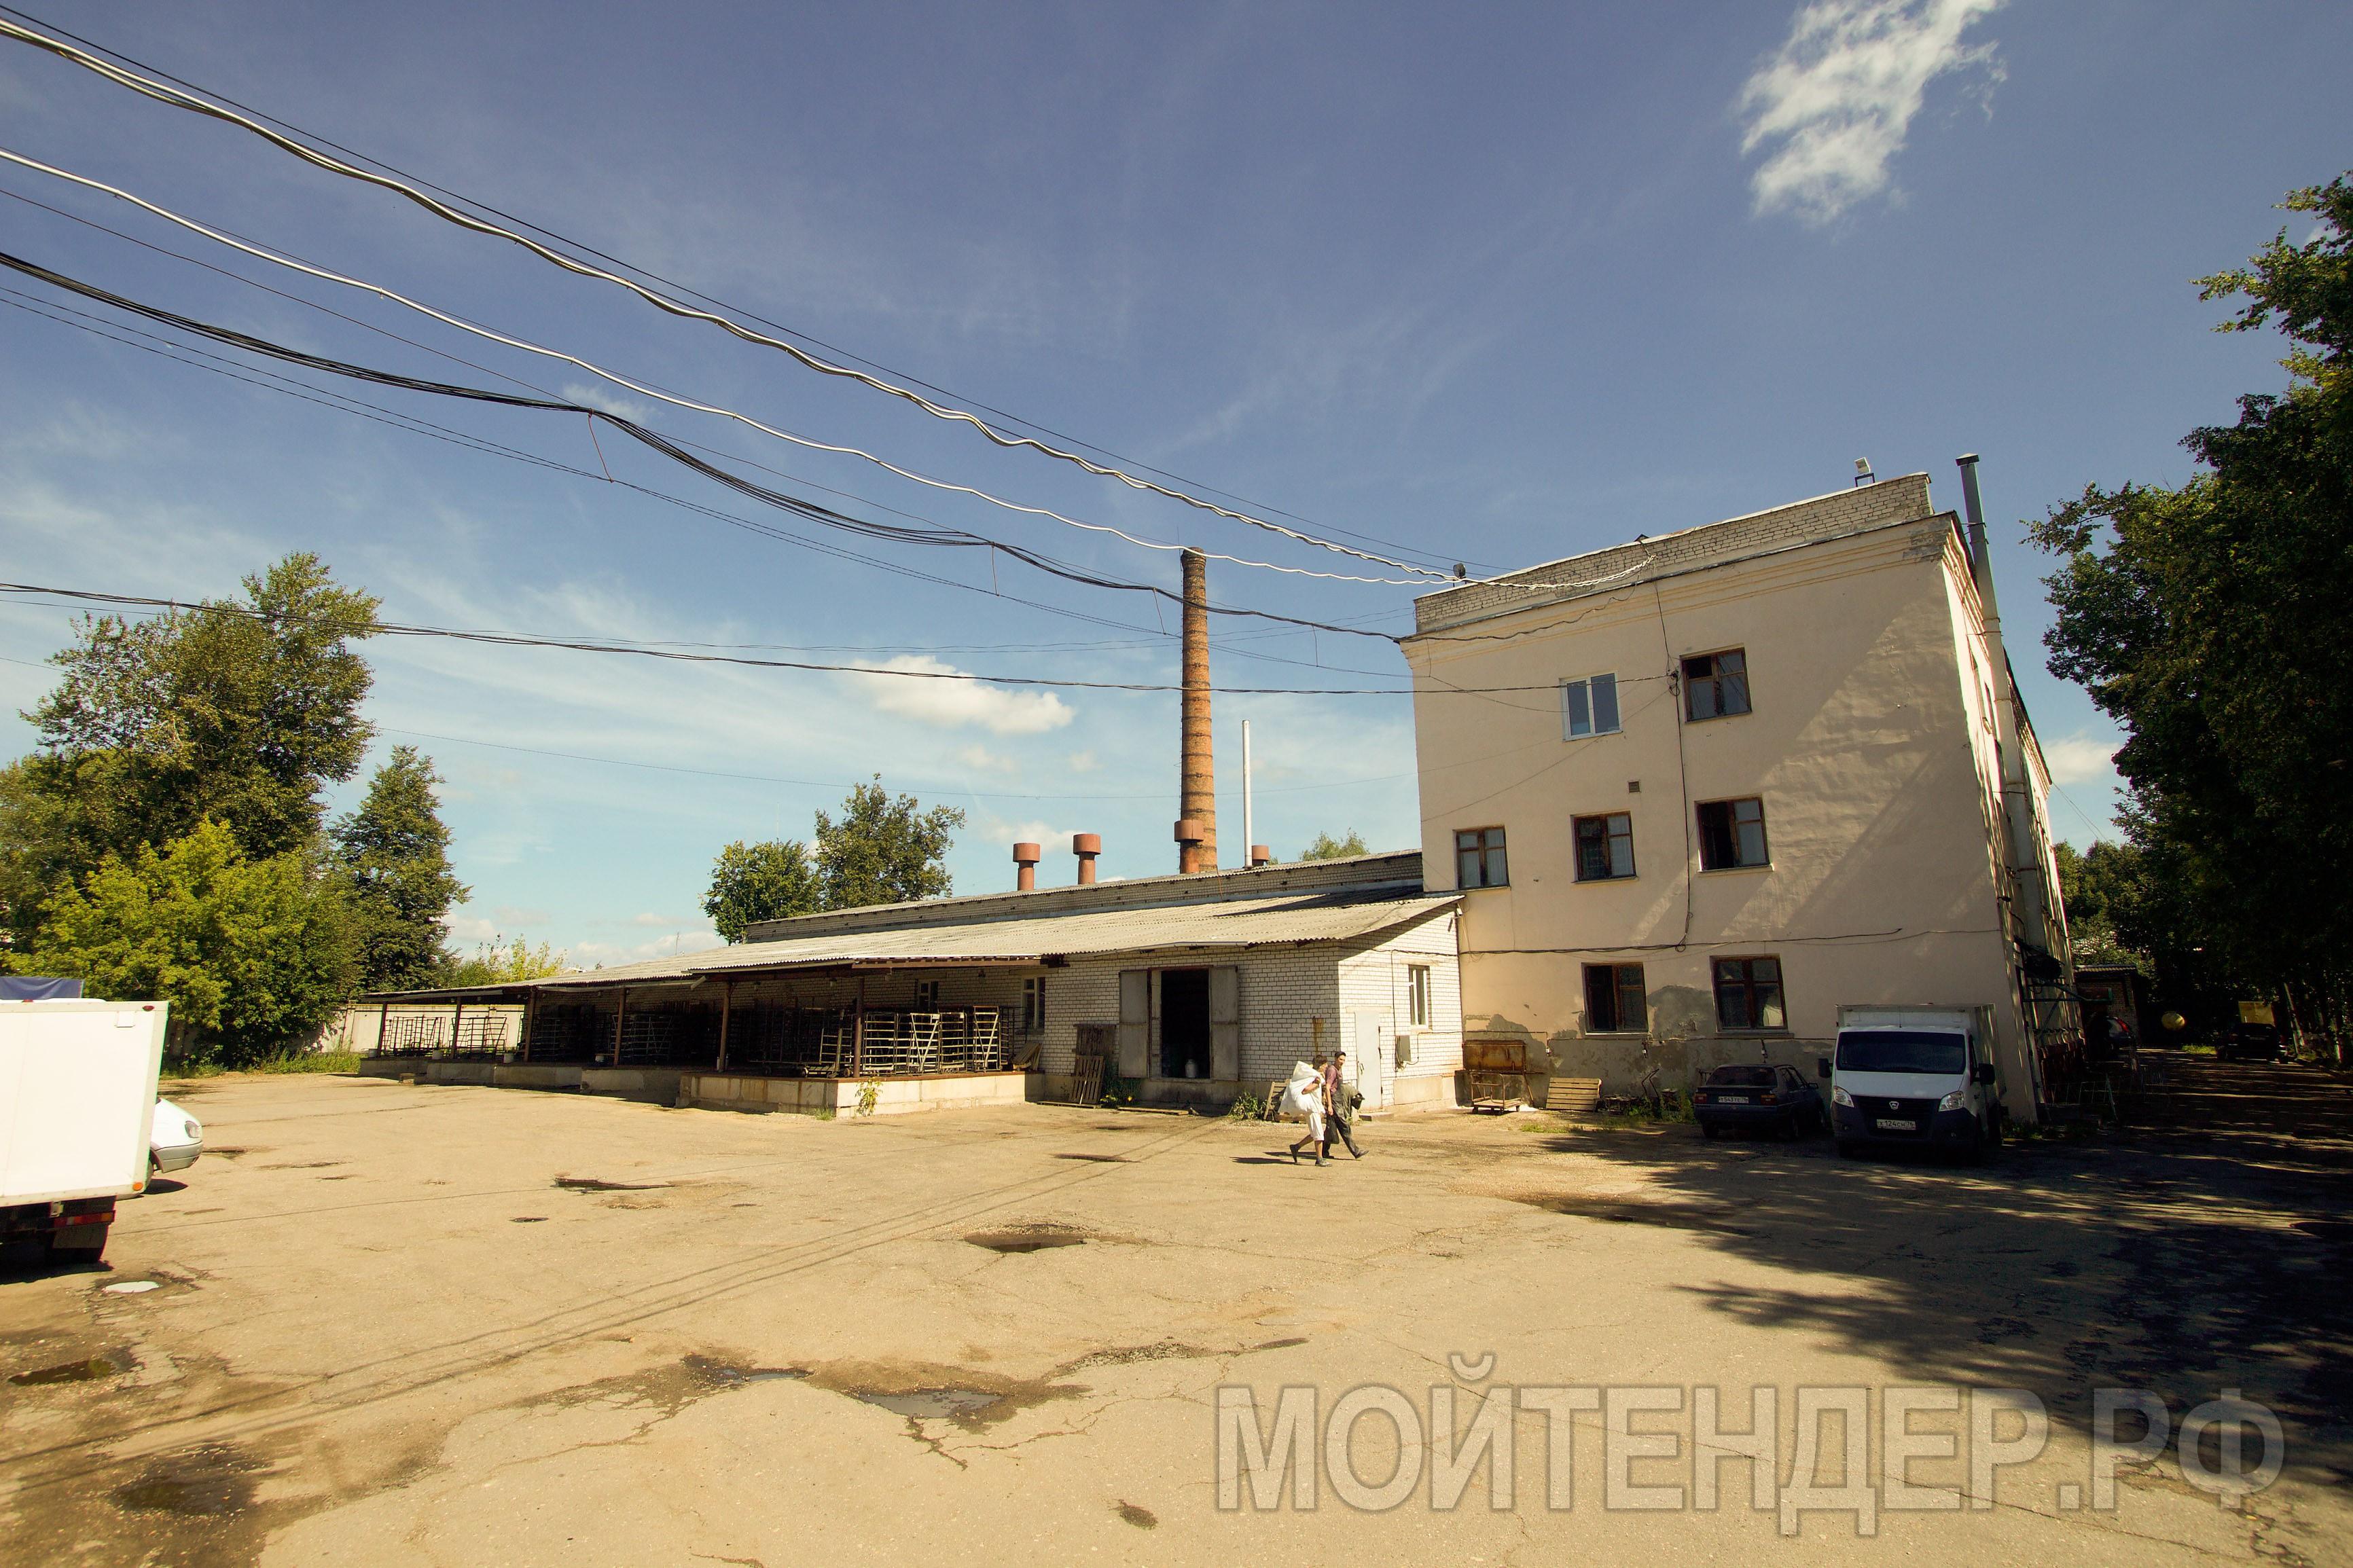 Мойтендер.рф-334-76-1732: Фото 2